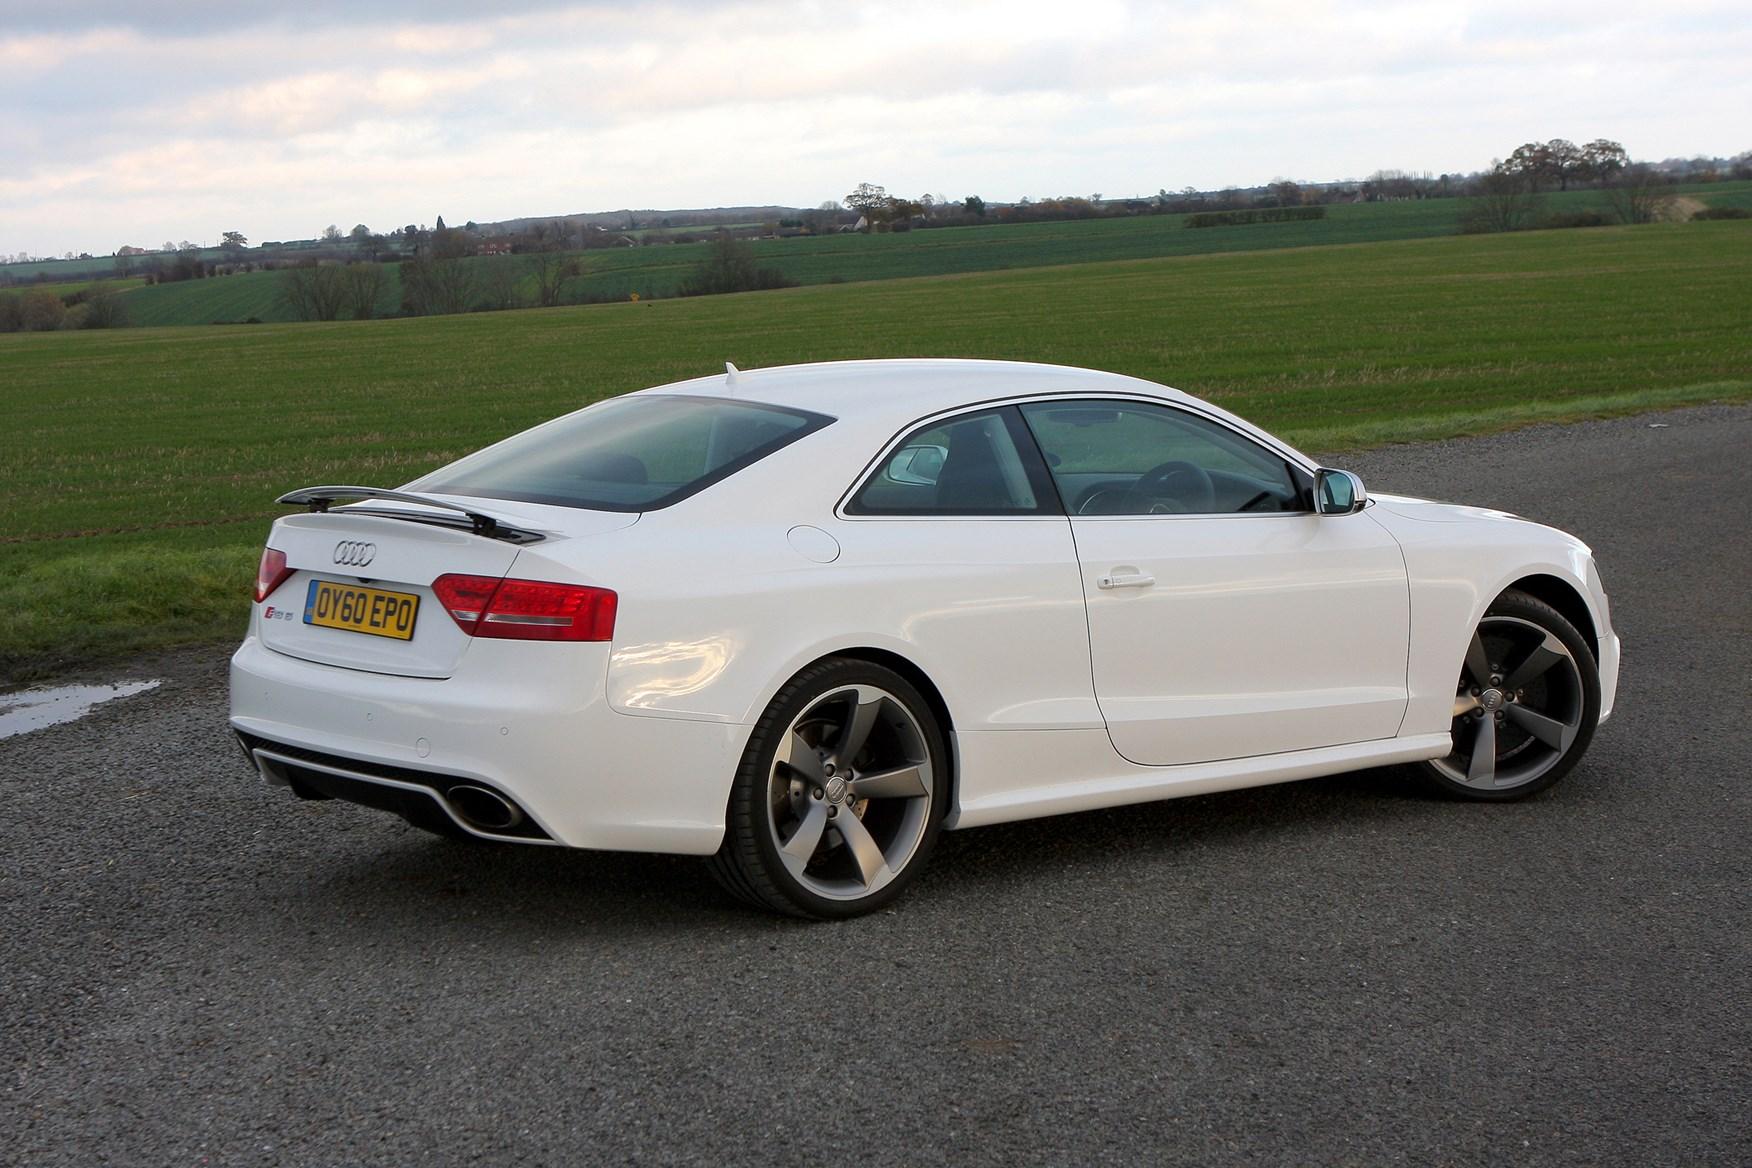 Audi rs5 wikipedia english 7